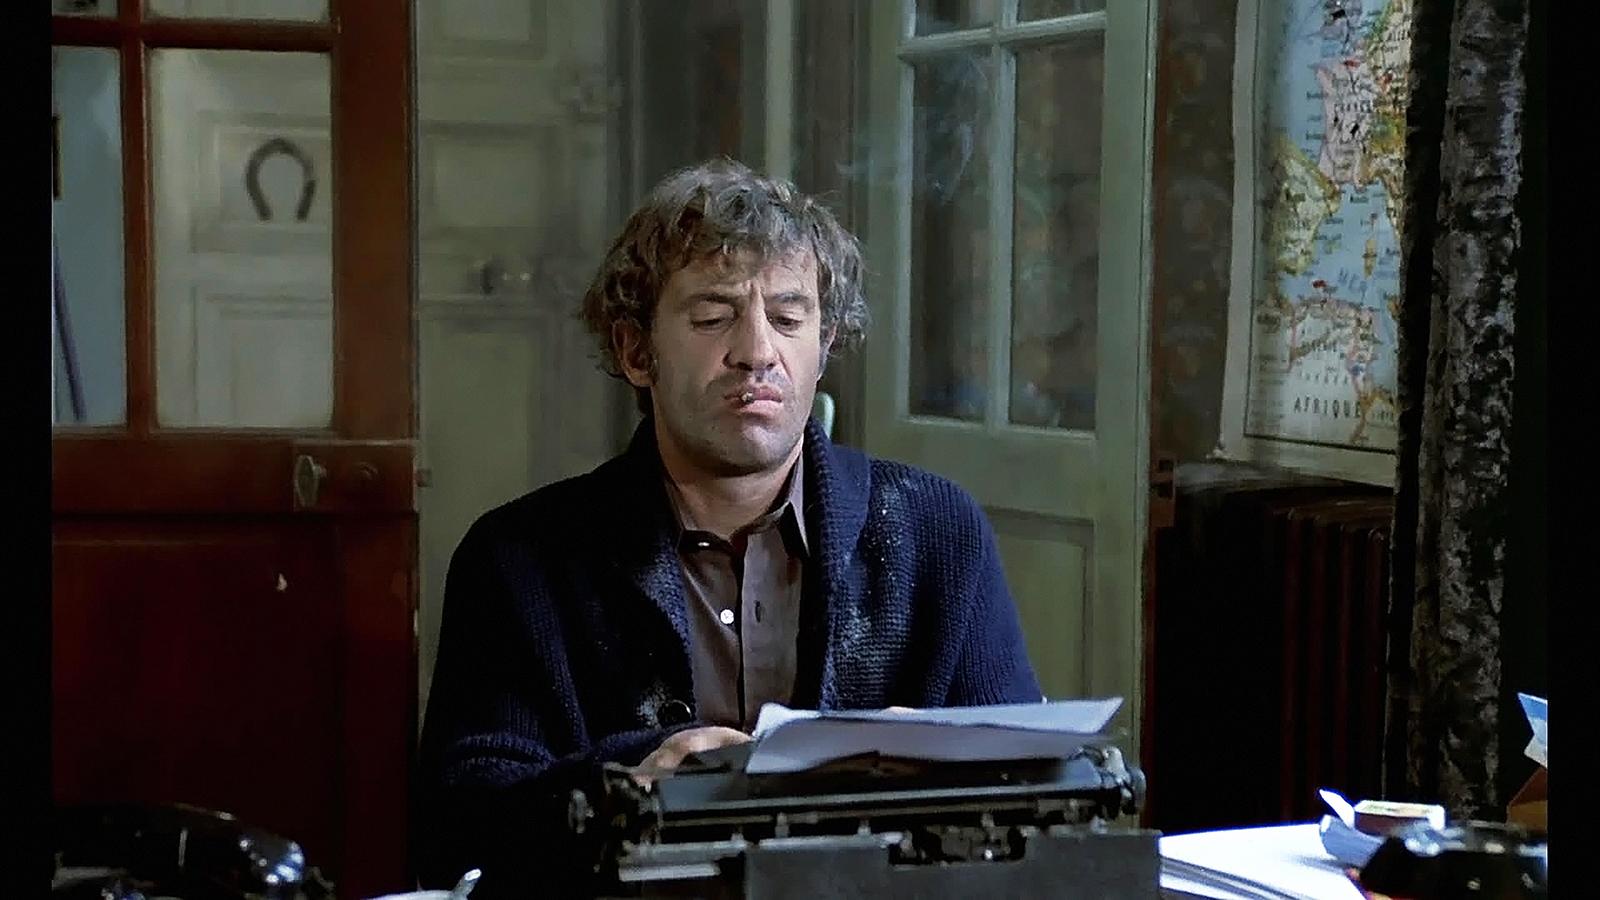 Le nouveau cinéphile: Test Blu-ray - Le Magnifique, avec Jean-Paul ...